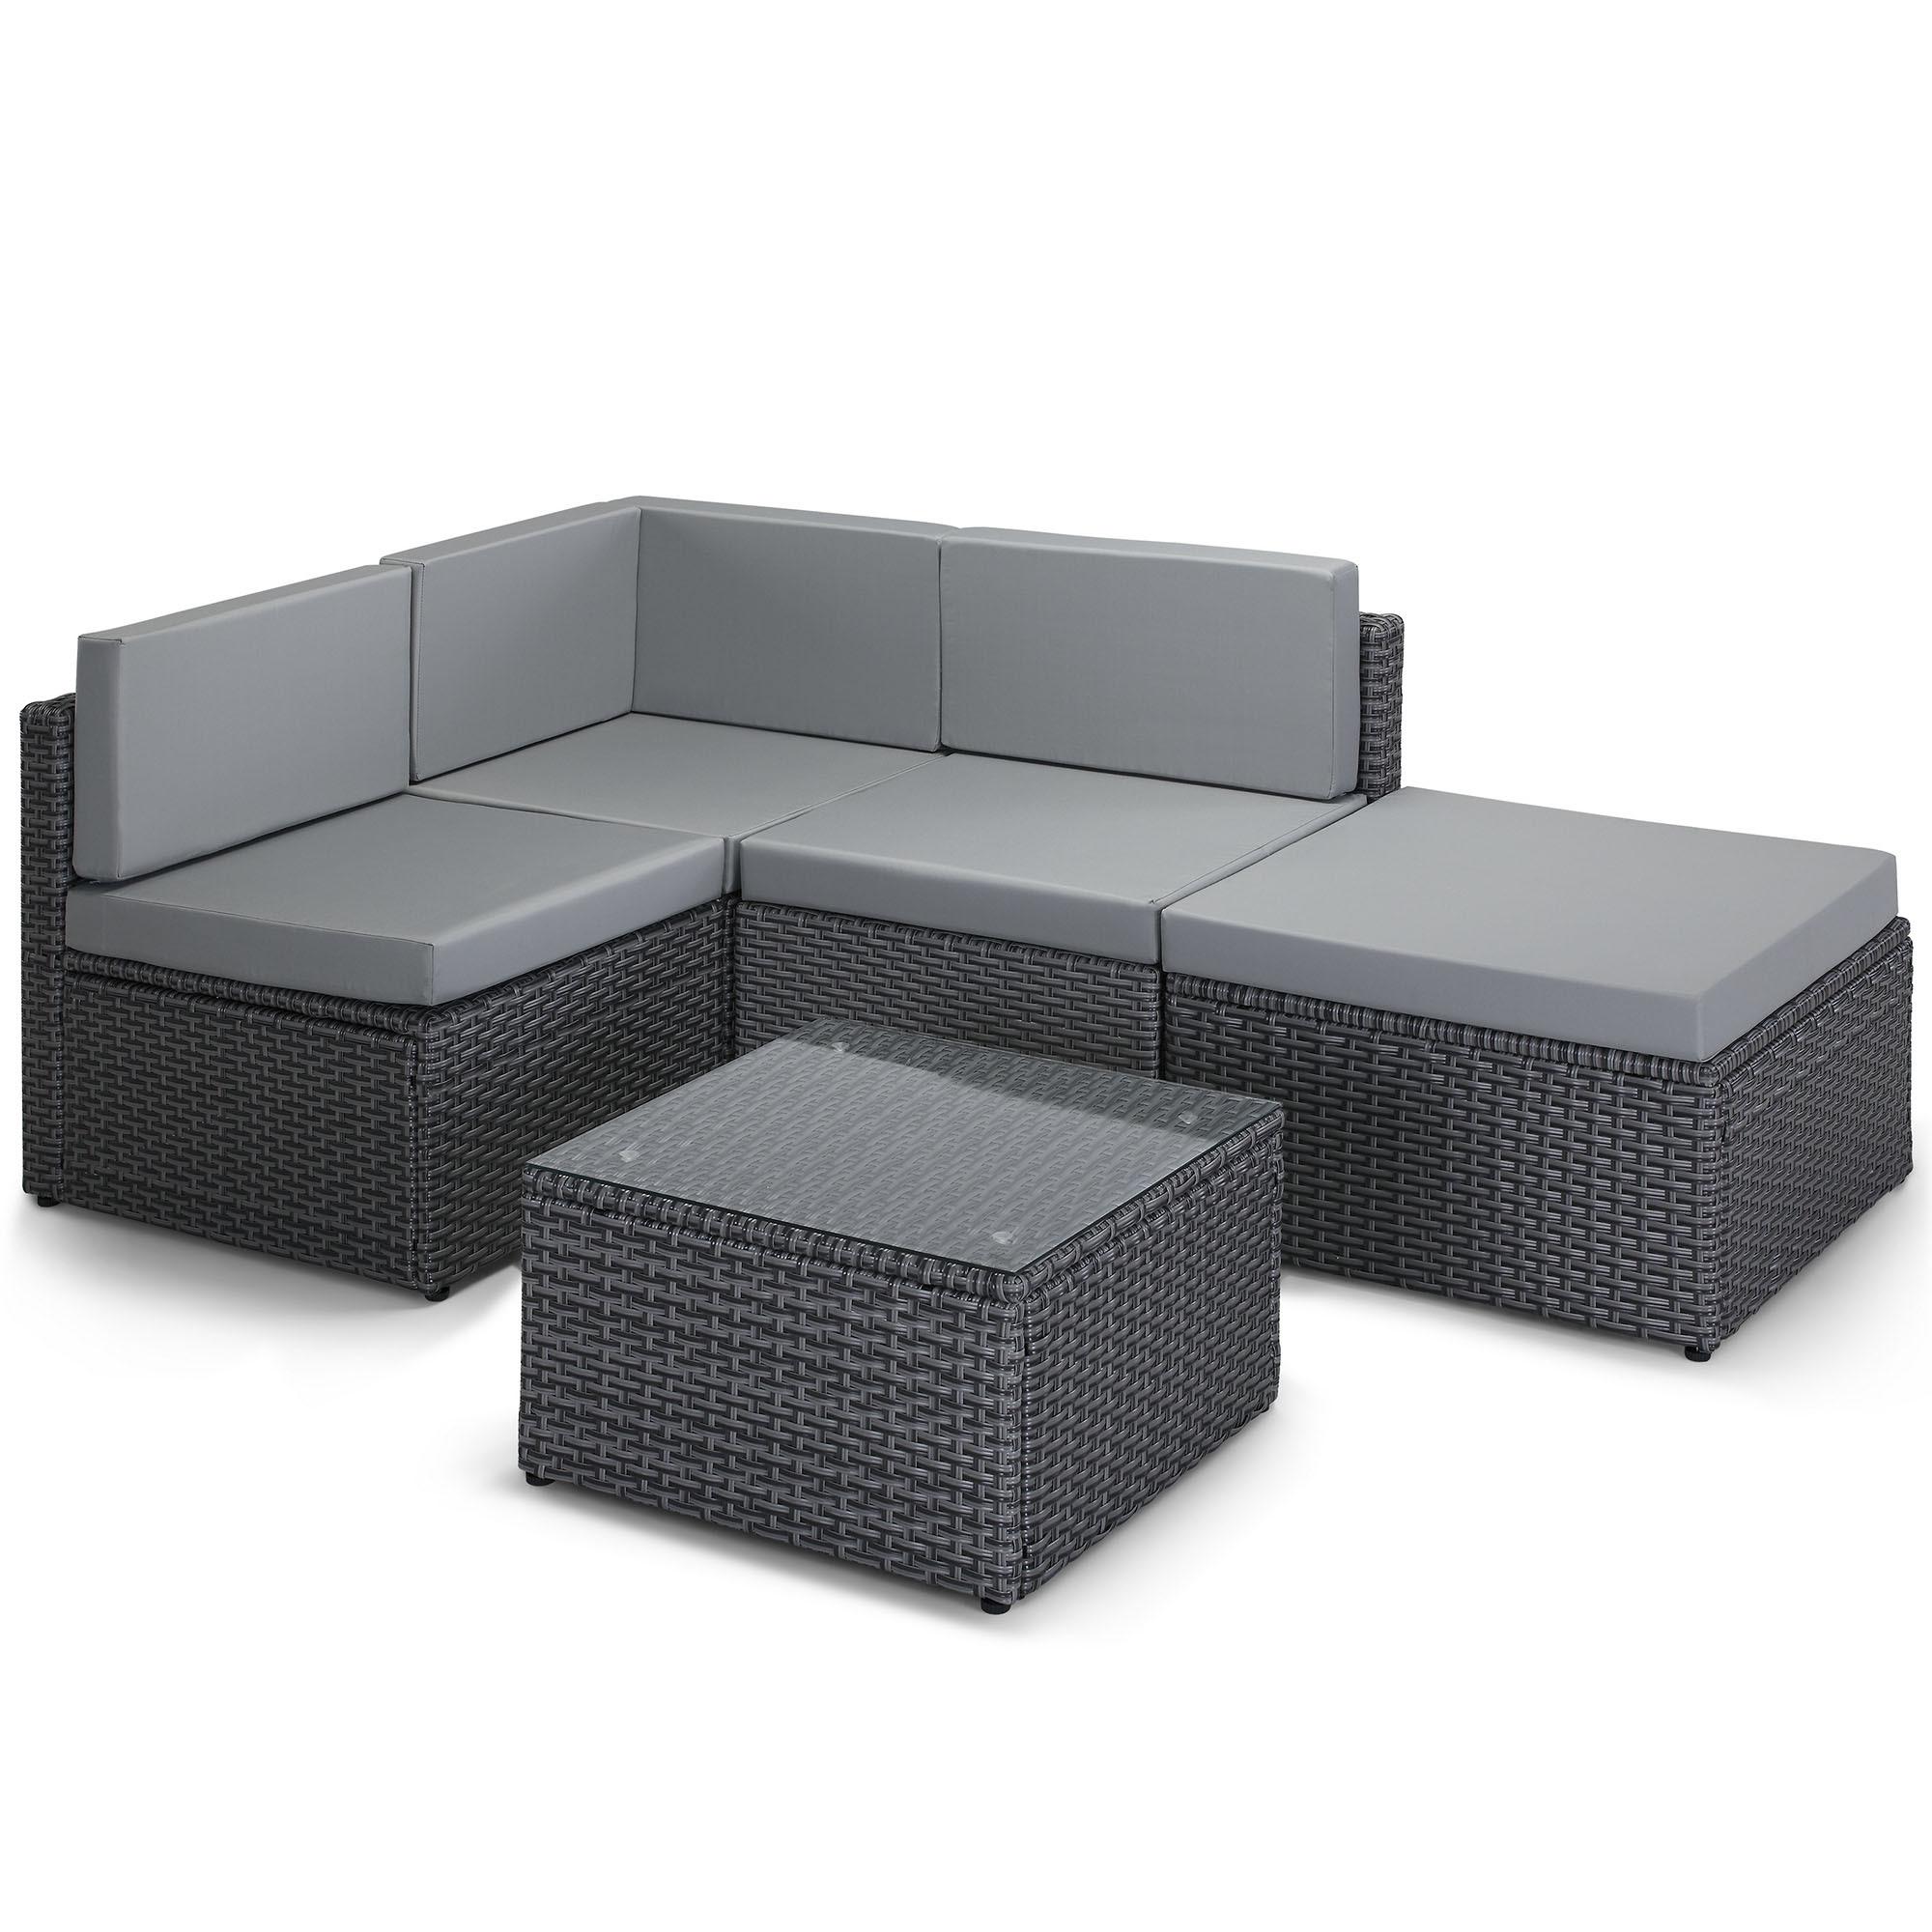 VonHaus Rattan Corner Sofa Modular Set Wicker Weave L ...